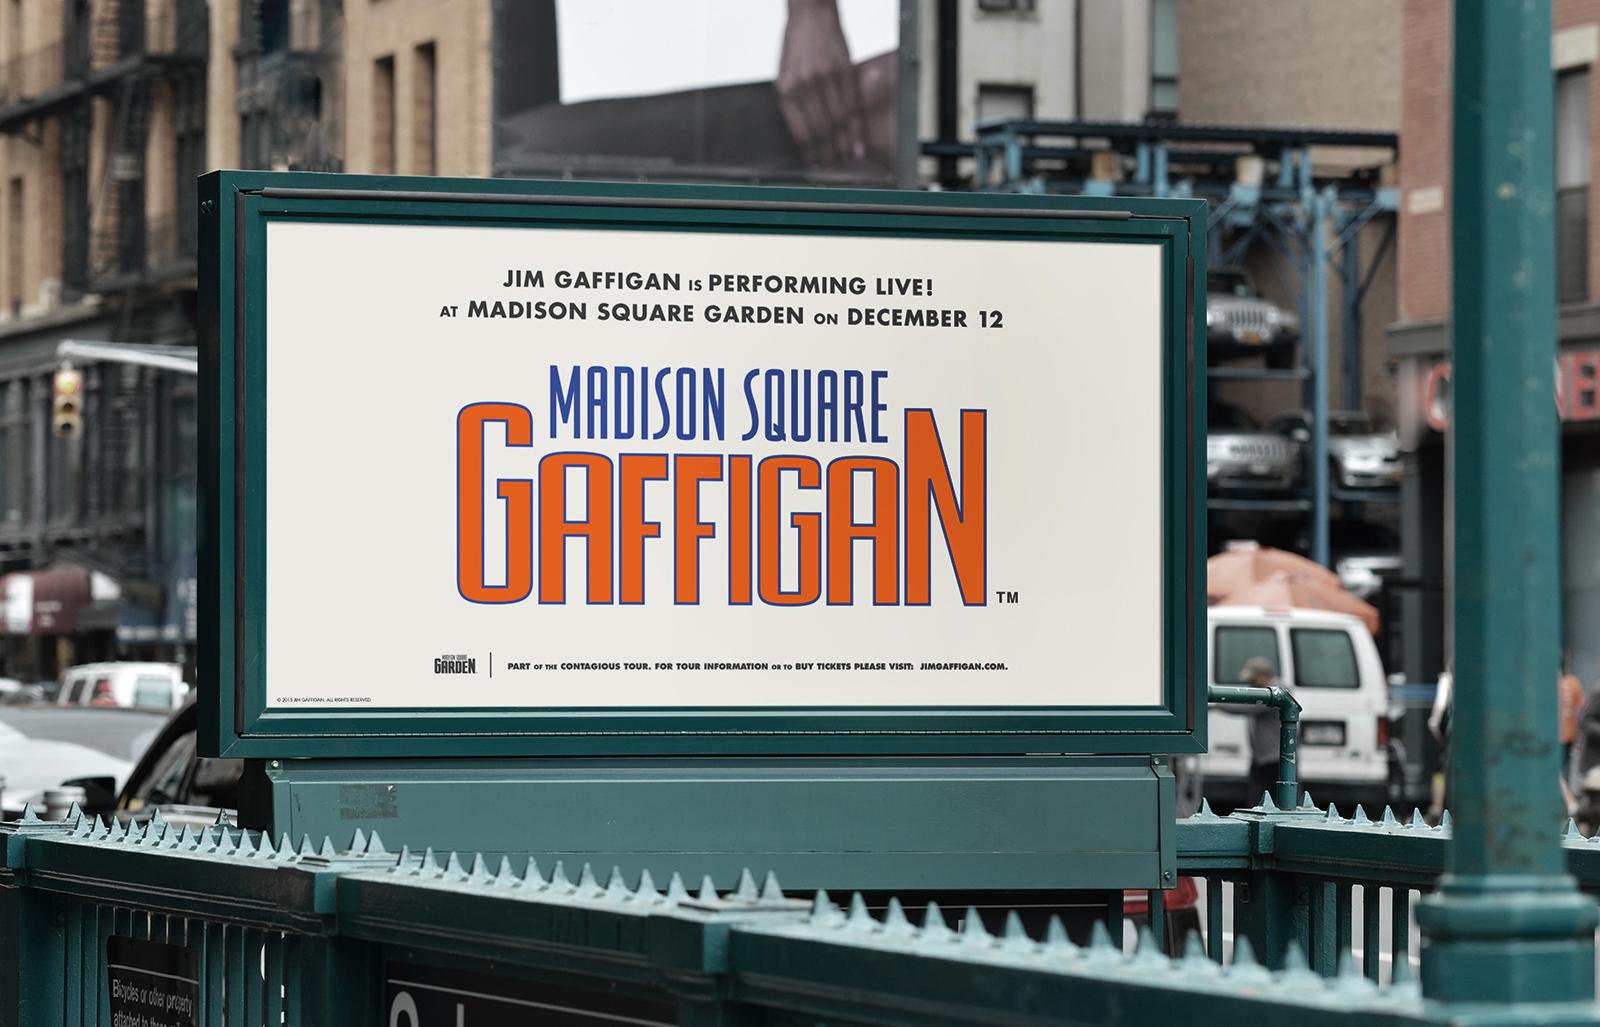 Jim Gaffigan: Madison Square Garden